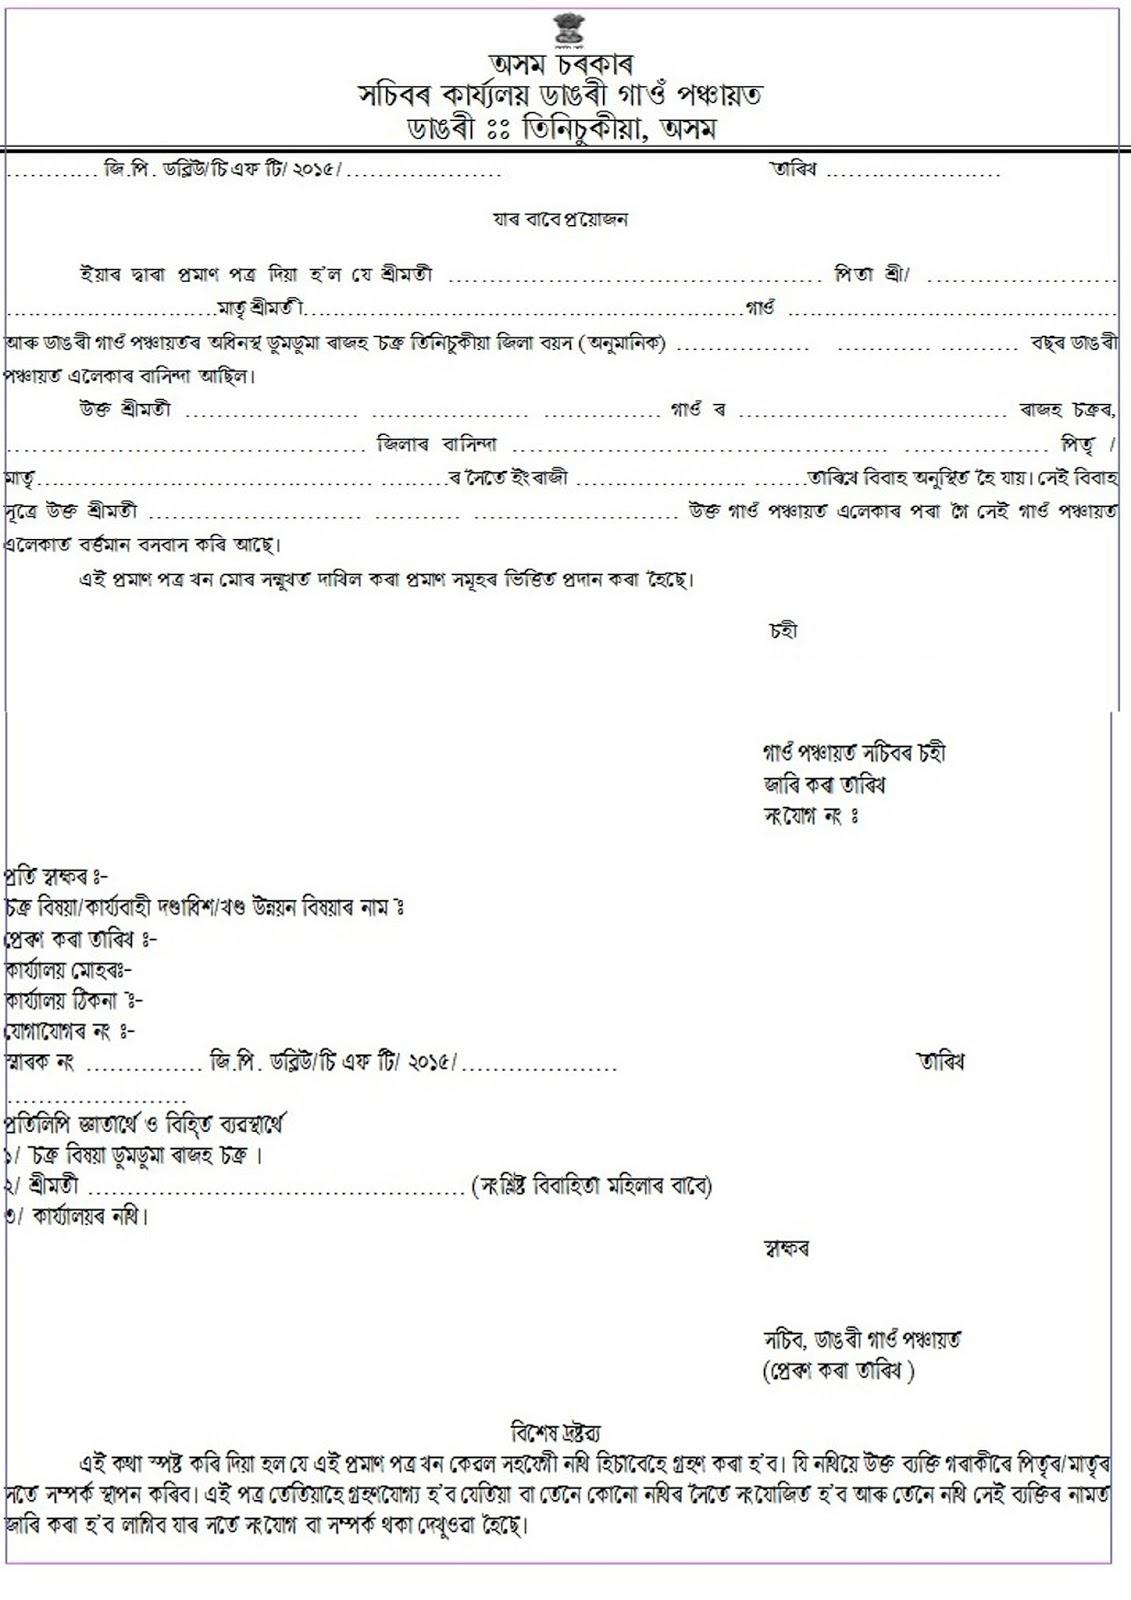 Gaon panchayat marriage certificate assamese format for nrc assam thecheapjerseys Images